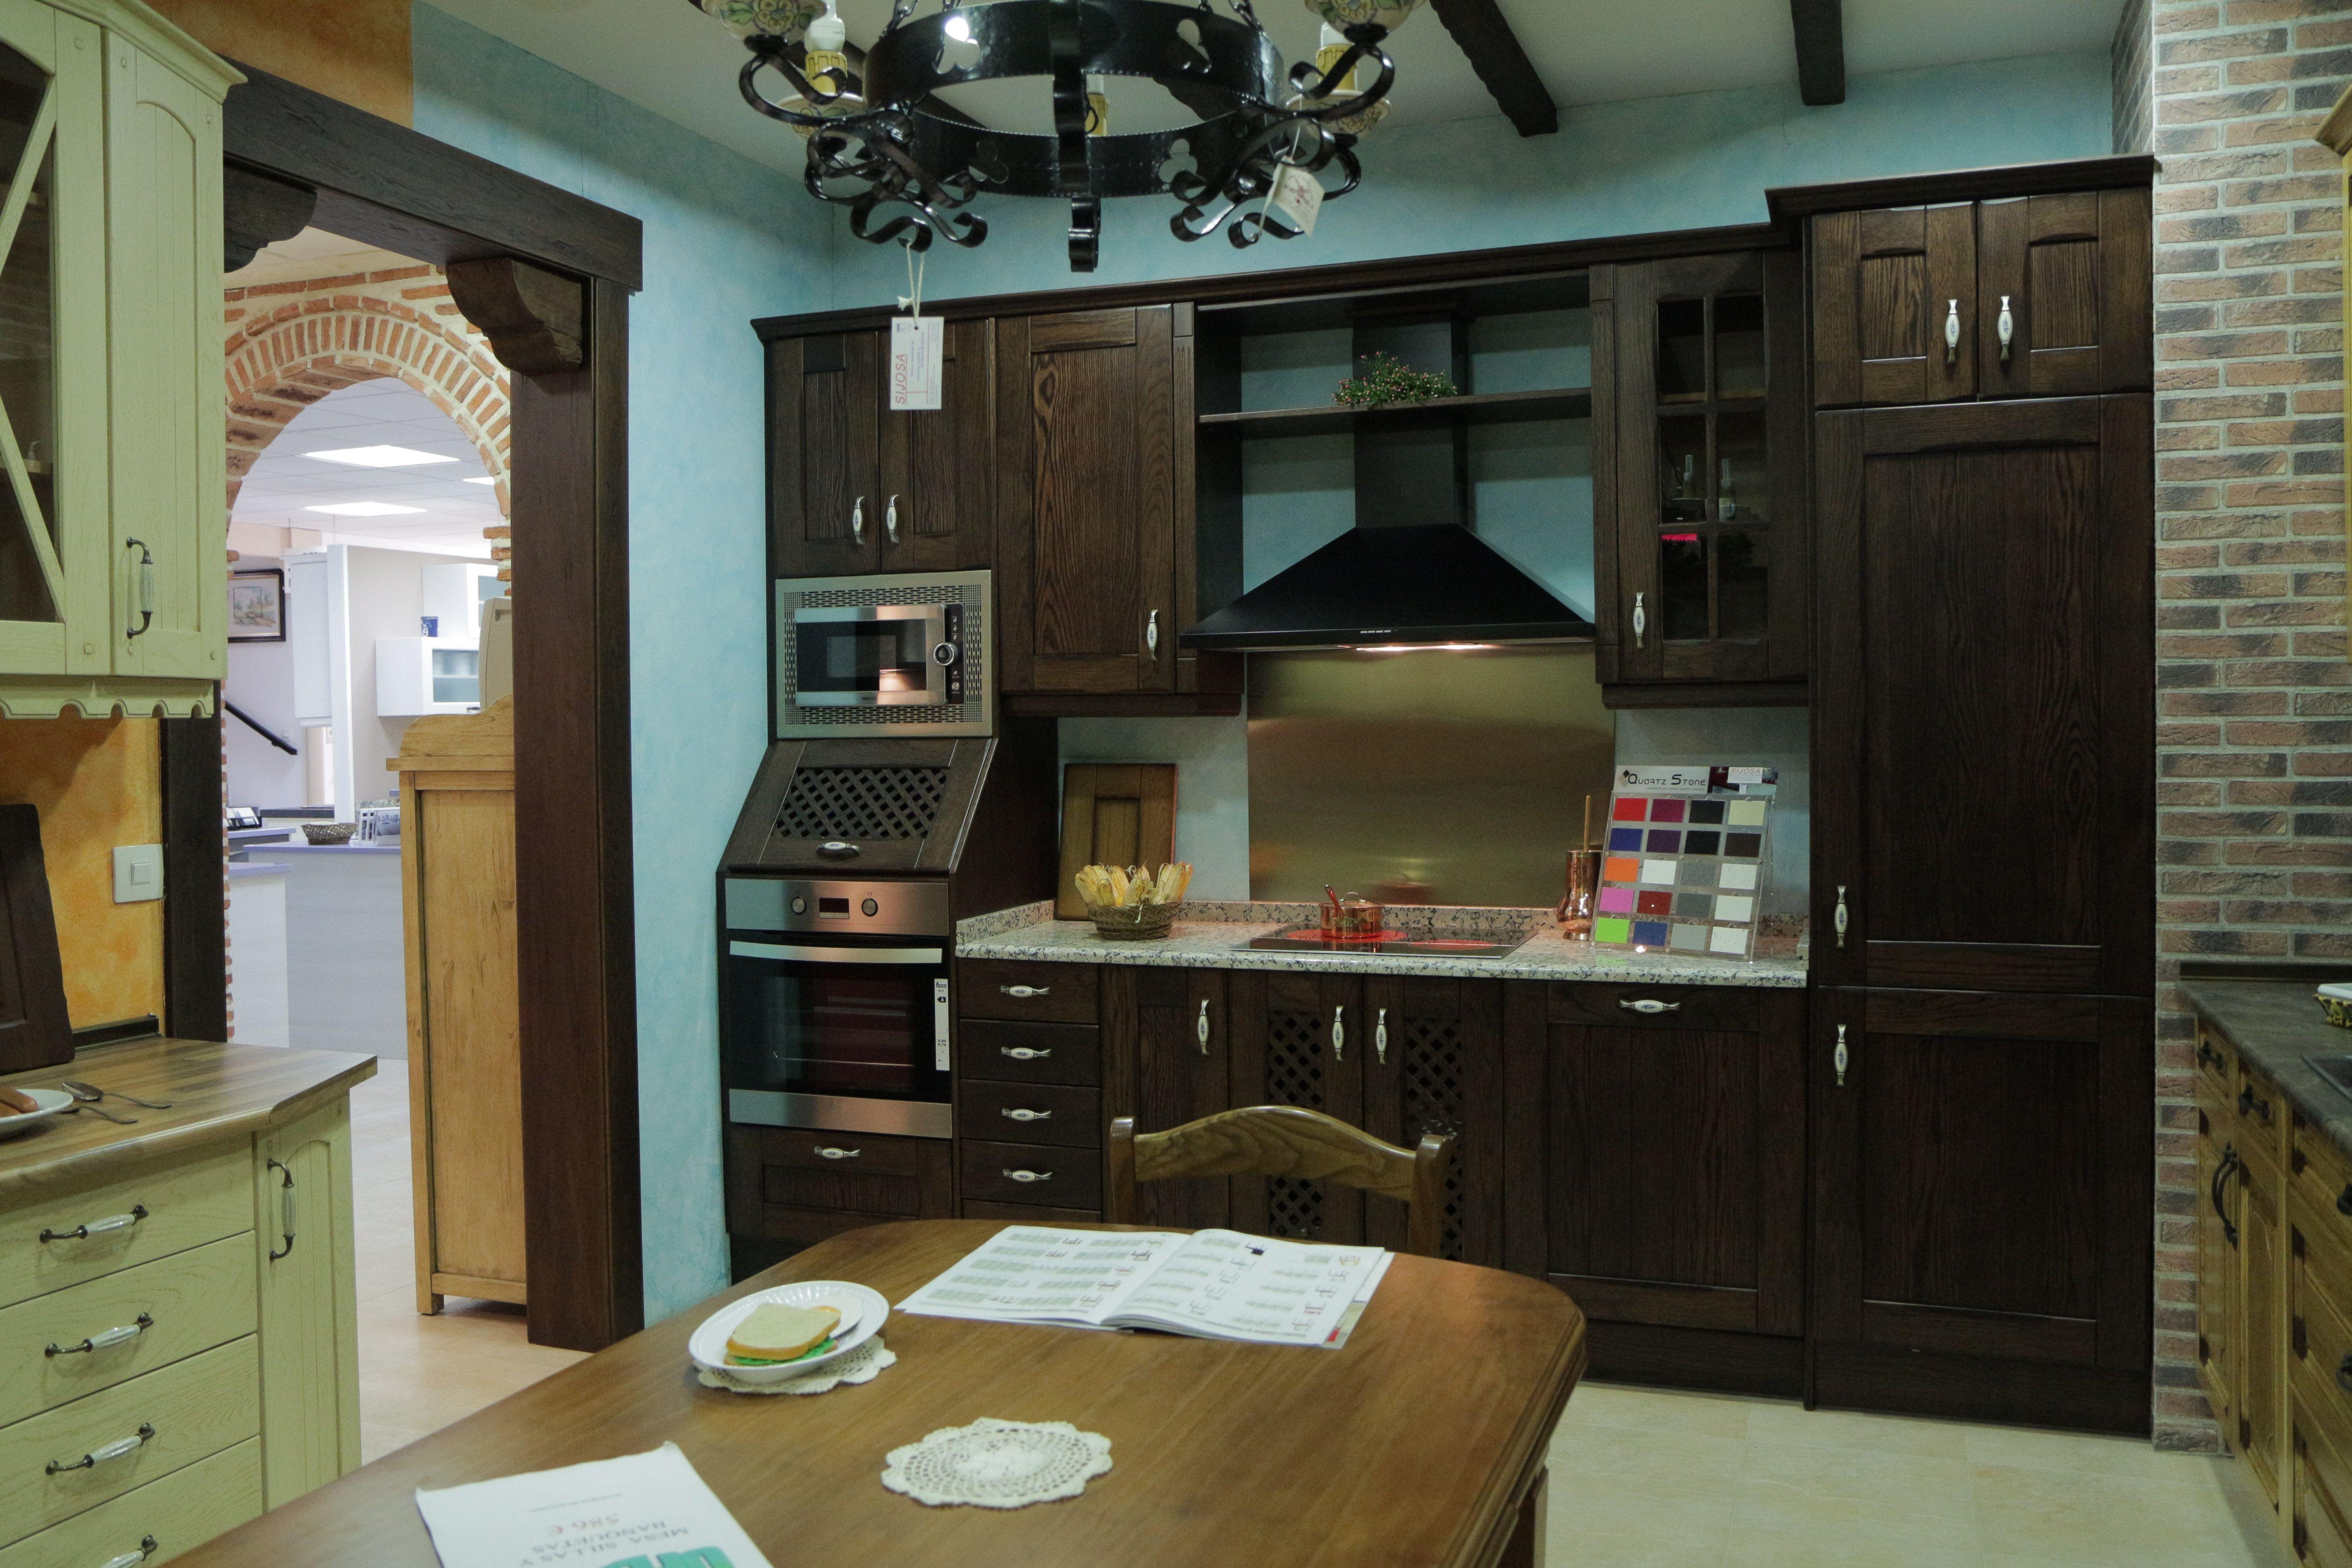 Foto 13 de Fabricante de cocinas en Añover de Tajo   Muebles Sijosa